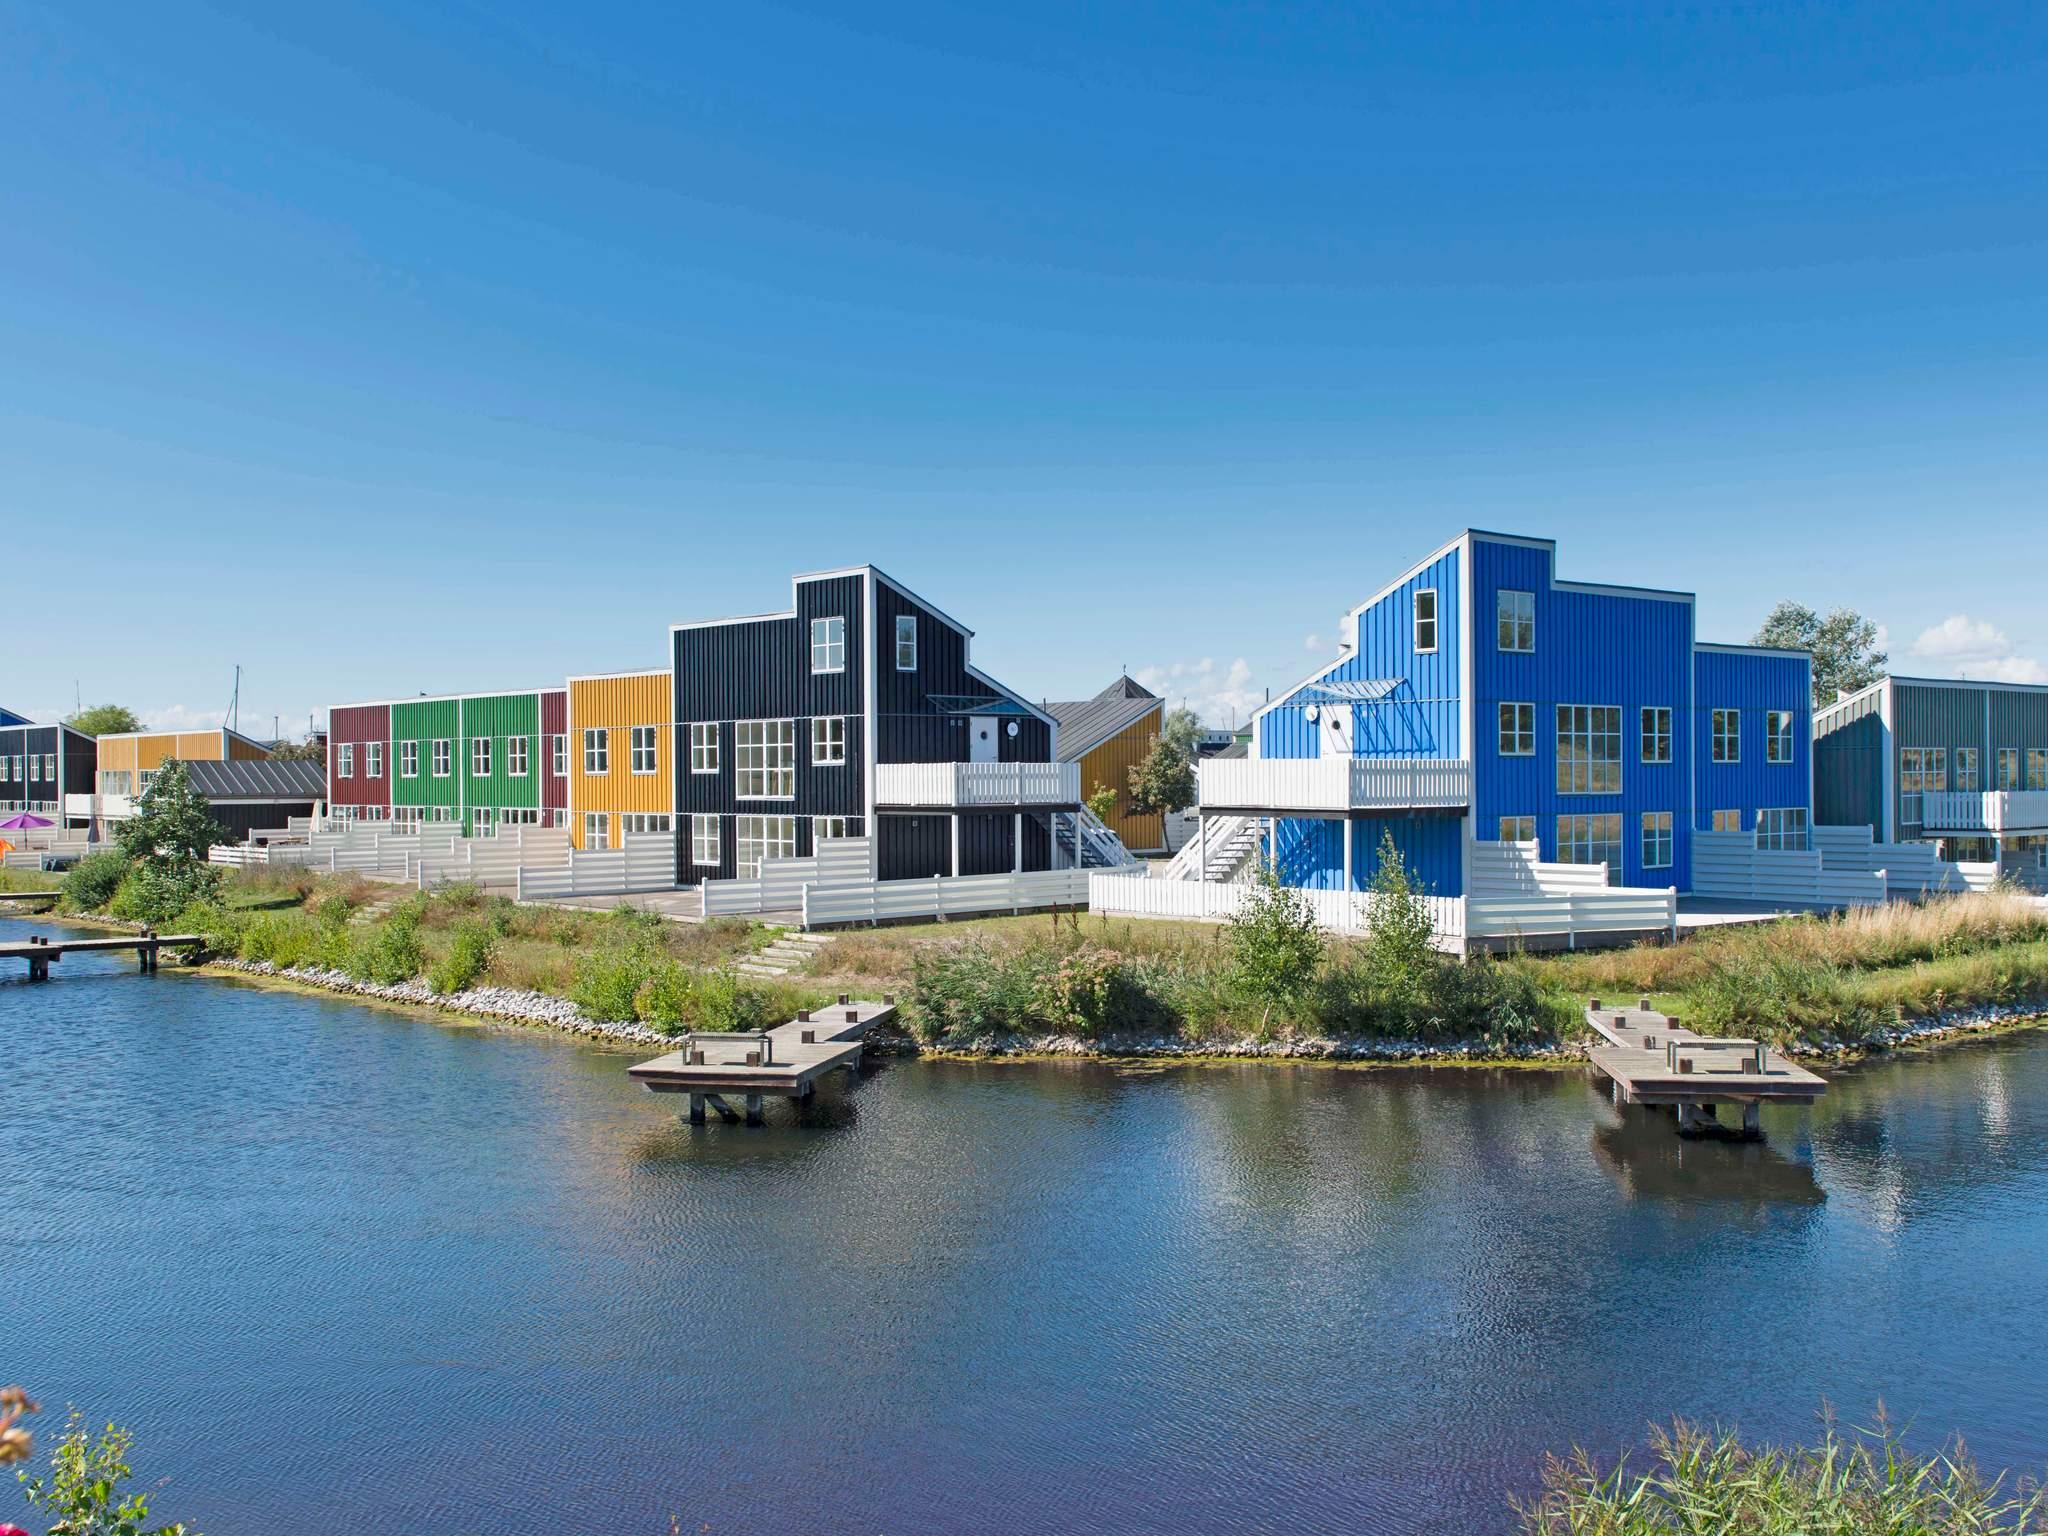 Ferienwohnung Øer Maritime Ferieby - Typ 3 - 3 Zimmer,Erdgeschoss (1087164), Øerne, , Dänische Ostsee, Dänemark, Bild 11